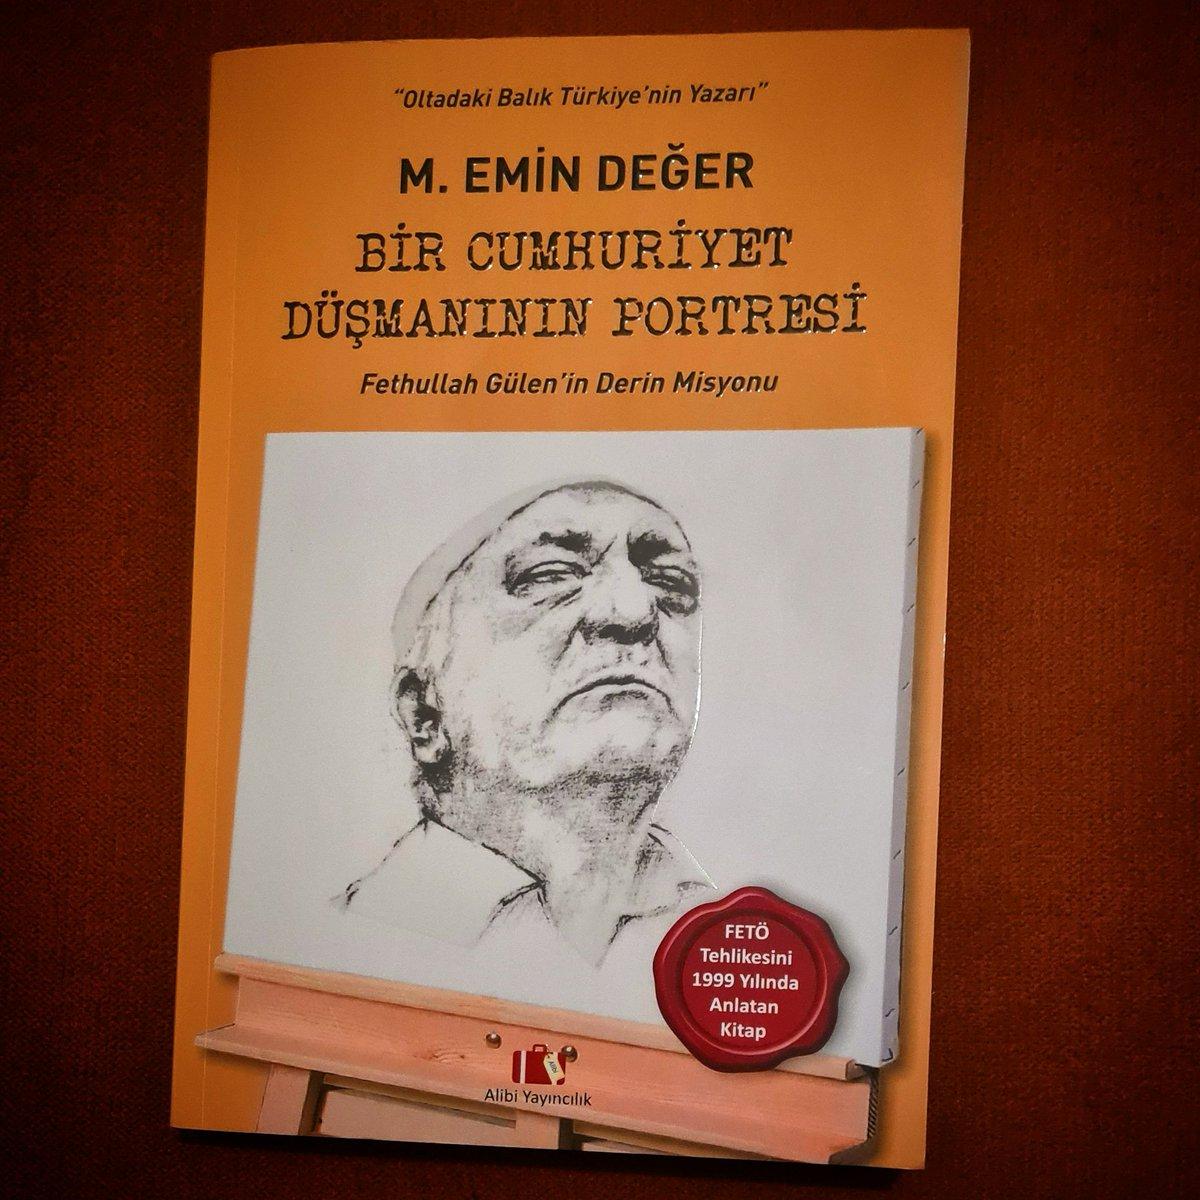 """Kitap Önerisi: Bir Cumhuriyet Düşmanının Portresi / M. Emin Değer  1999 yılında Gülen'in gerçek niyetlerini anlatan bir kitap... Okununca """"kandırılmamak her zaman mümkündür"""" dedirtiyor... Önerilir... https://t.co/VvBskTJhYh https://t.co/gps9F1b5Tl"""